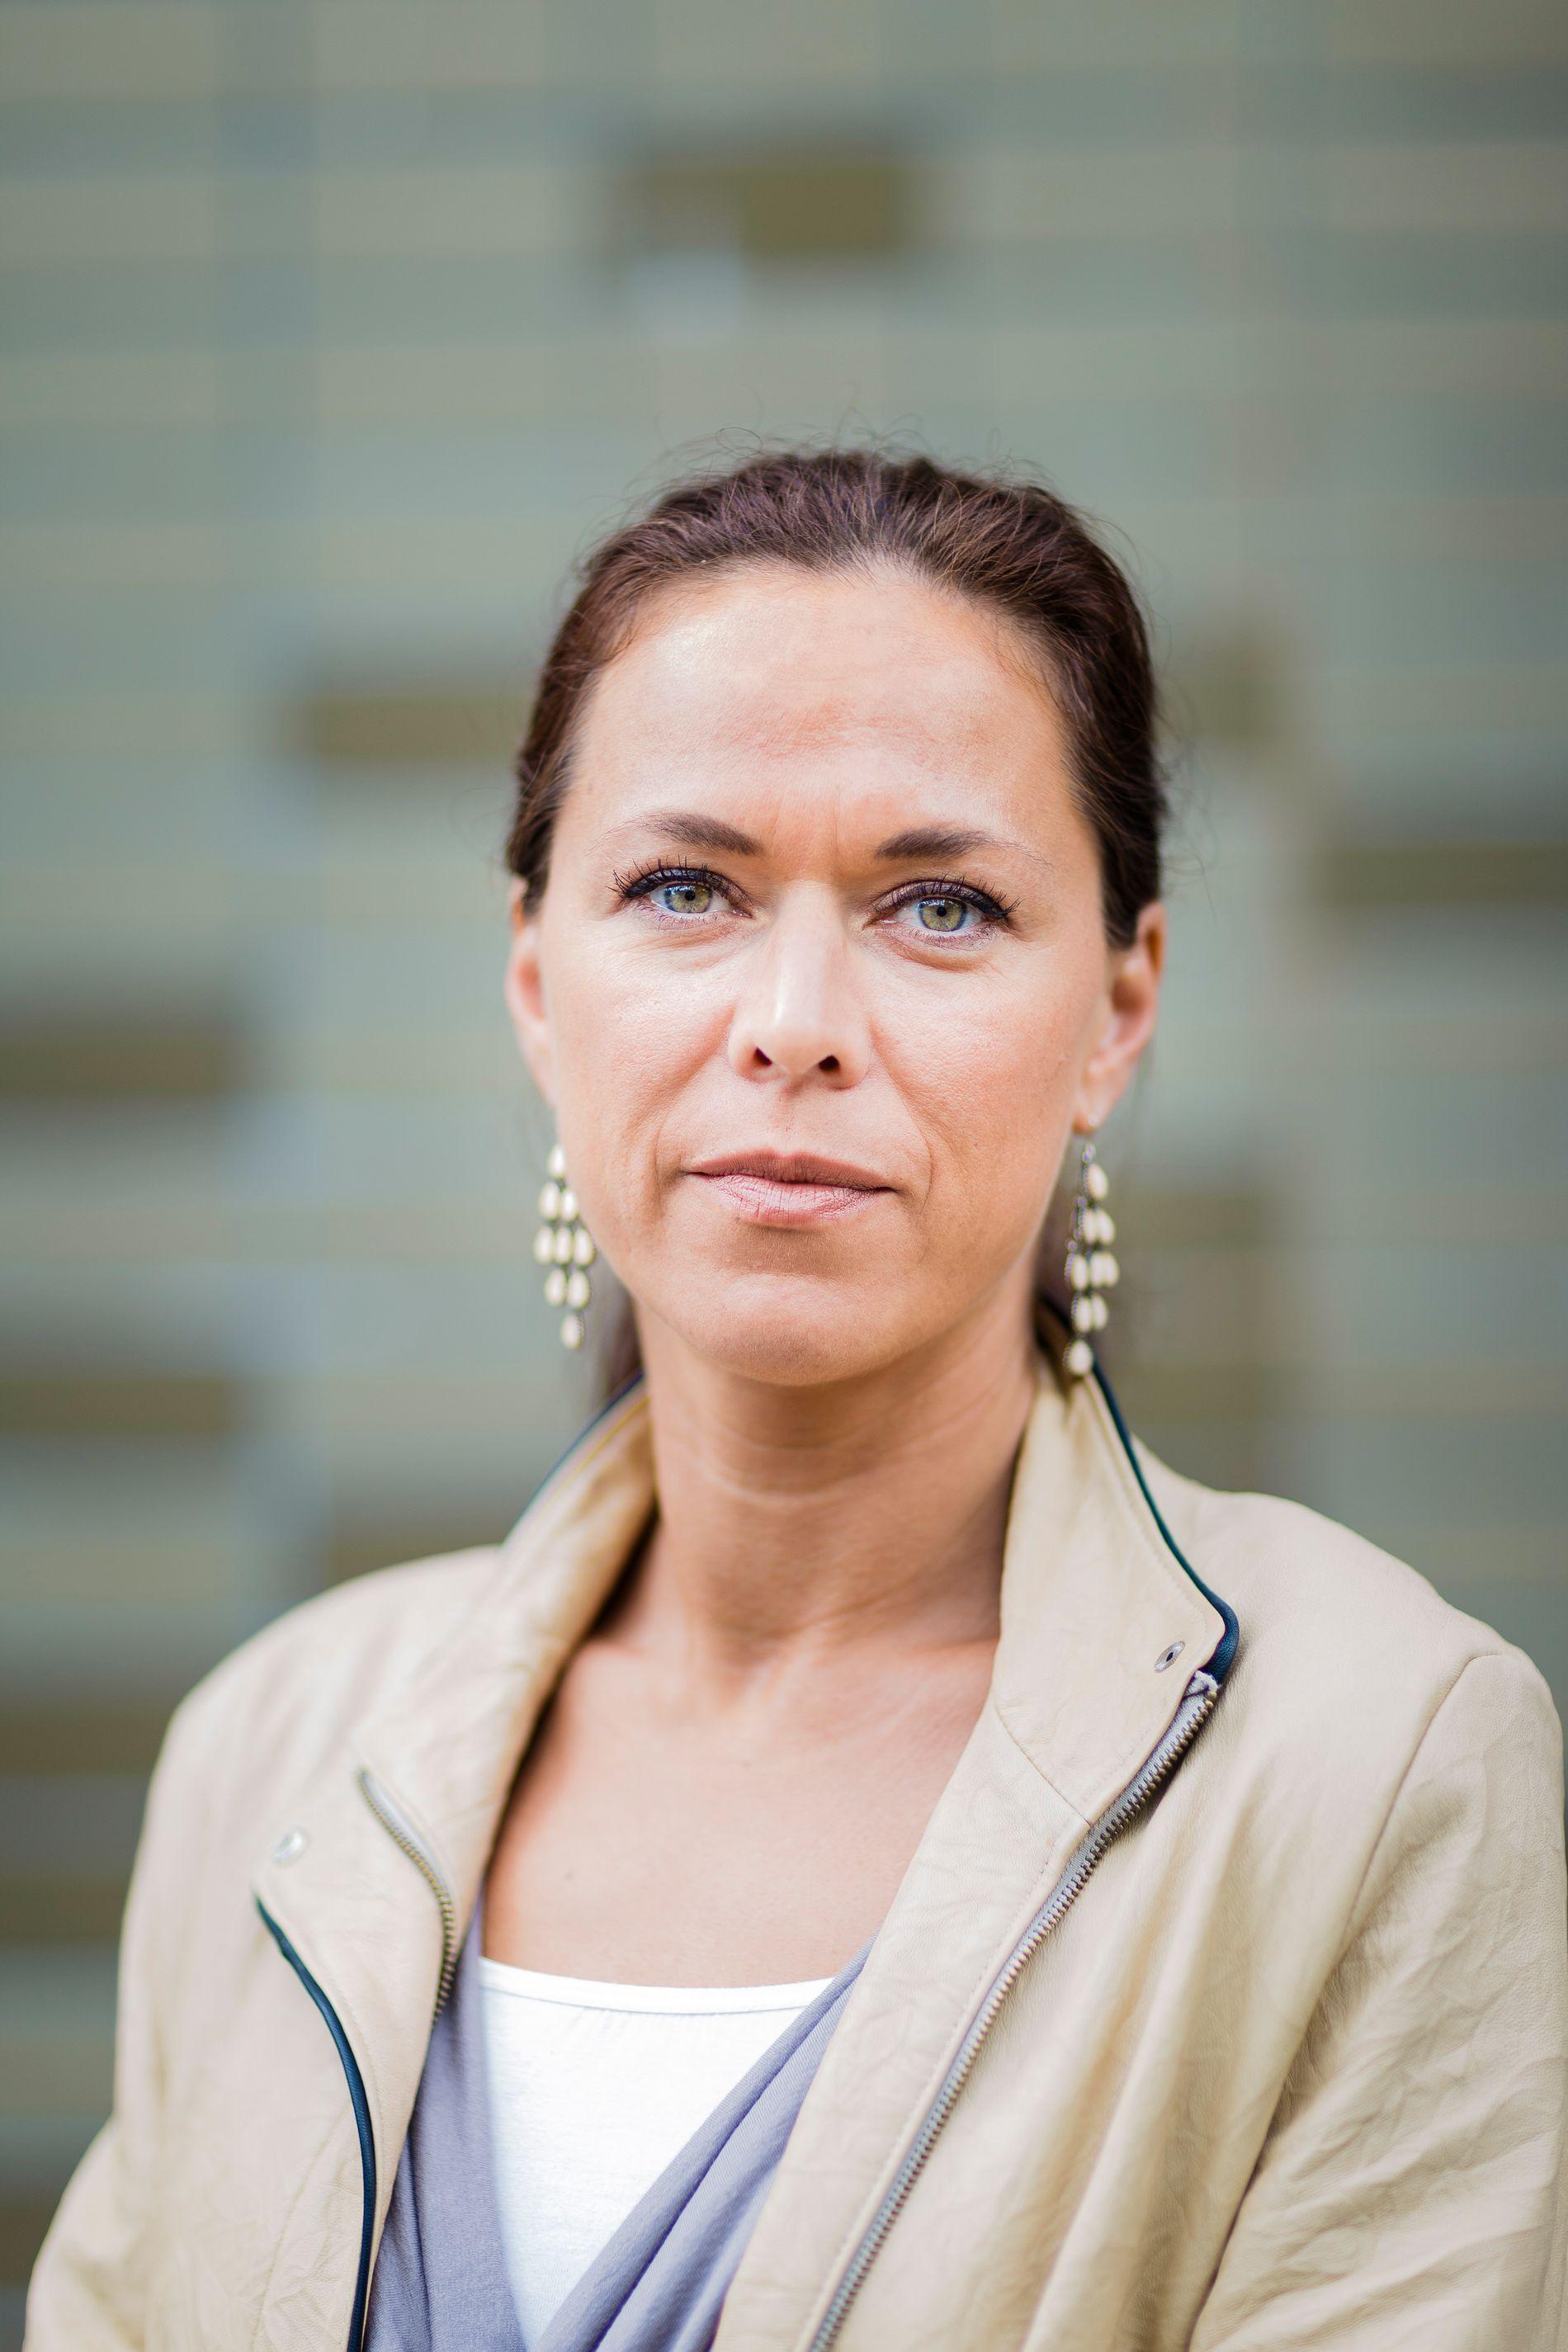 VOLDTEKTSSAKER: – Evalueringen av etterforskningen i voldtektssaker er viktig, også av hensyn til den anmeldte, skriver advokat Marijana Lozic.